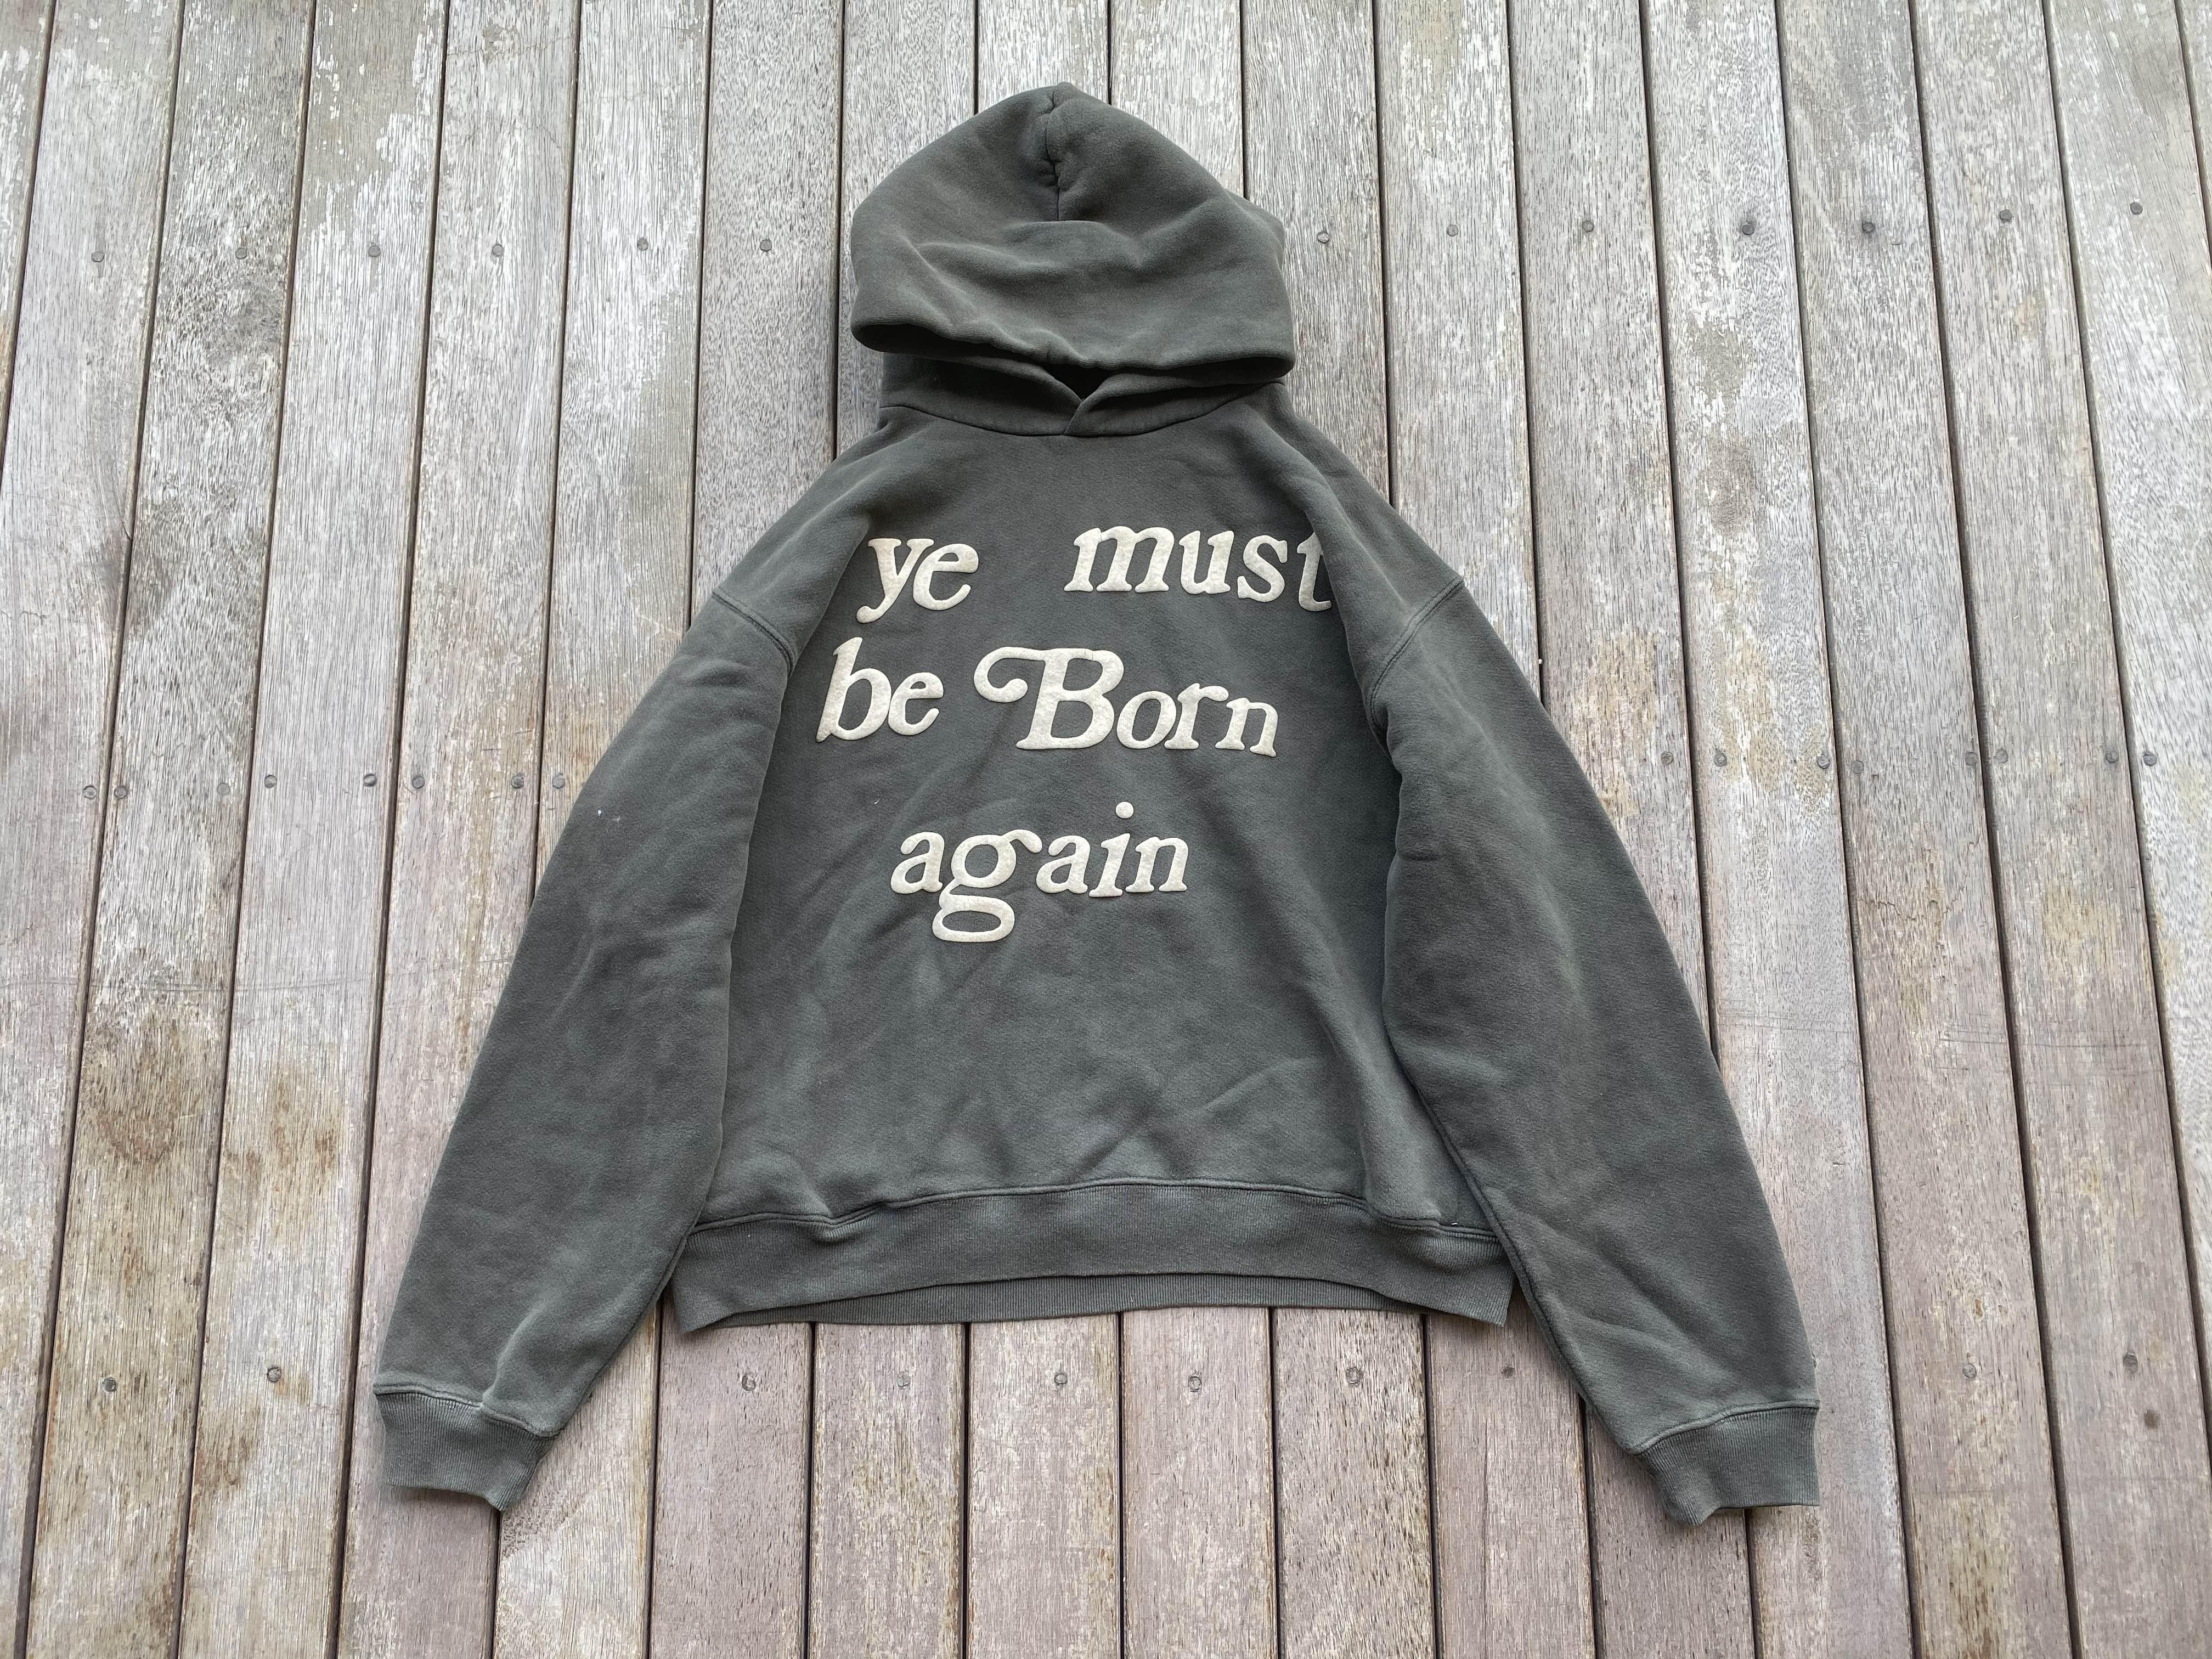 原创BB CPFM Ye Must Be Born Again 菲董 Jerry同款连帽卫衣帽衫